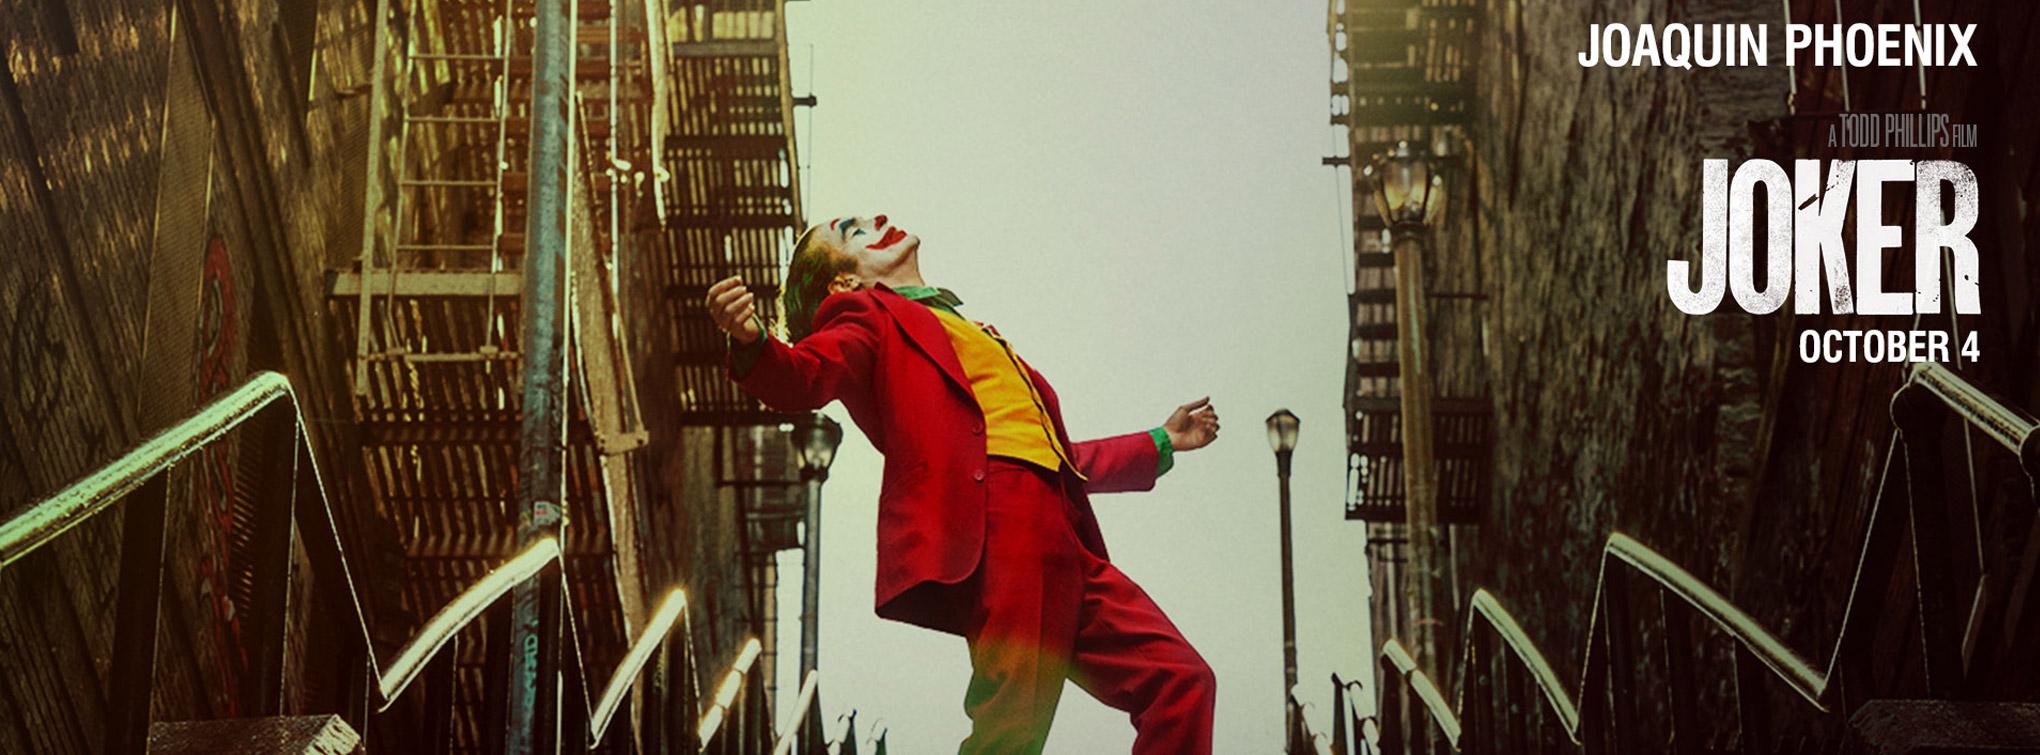 Slider image for Joker